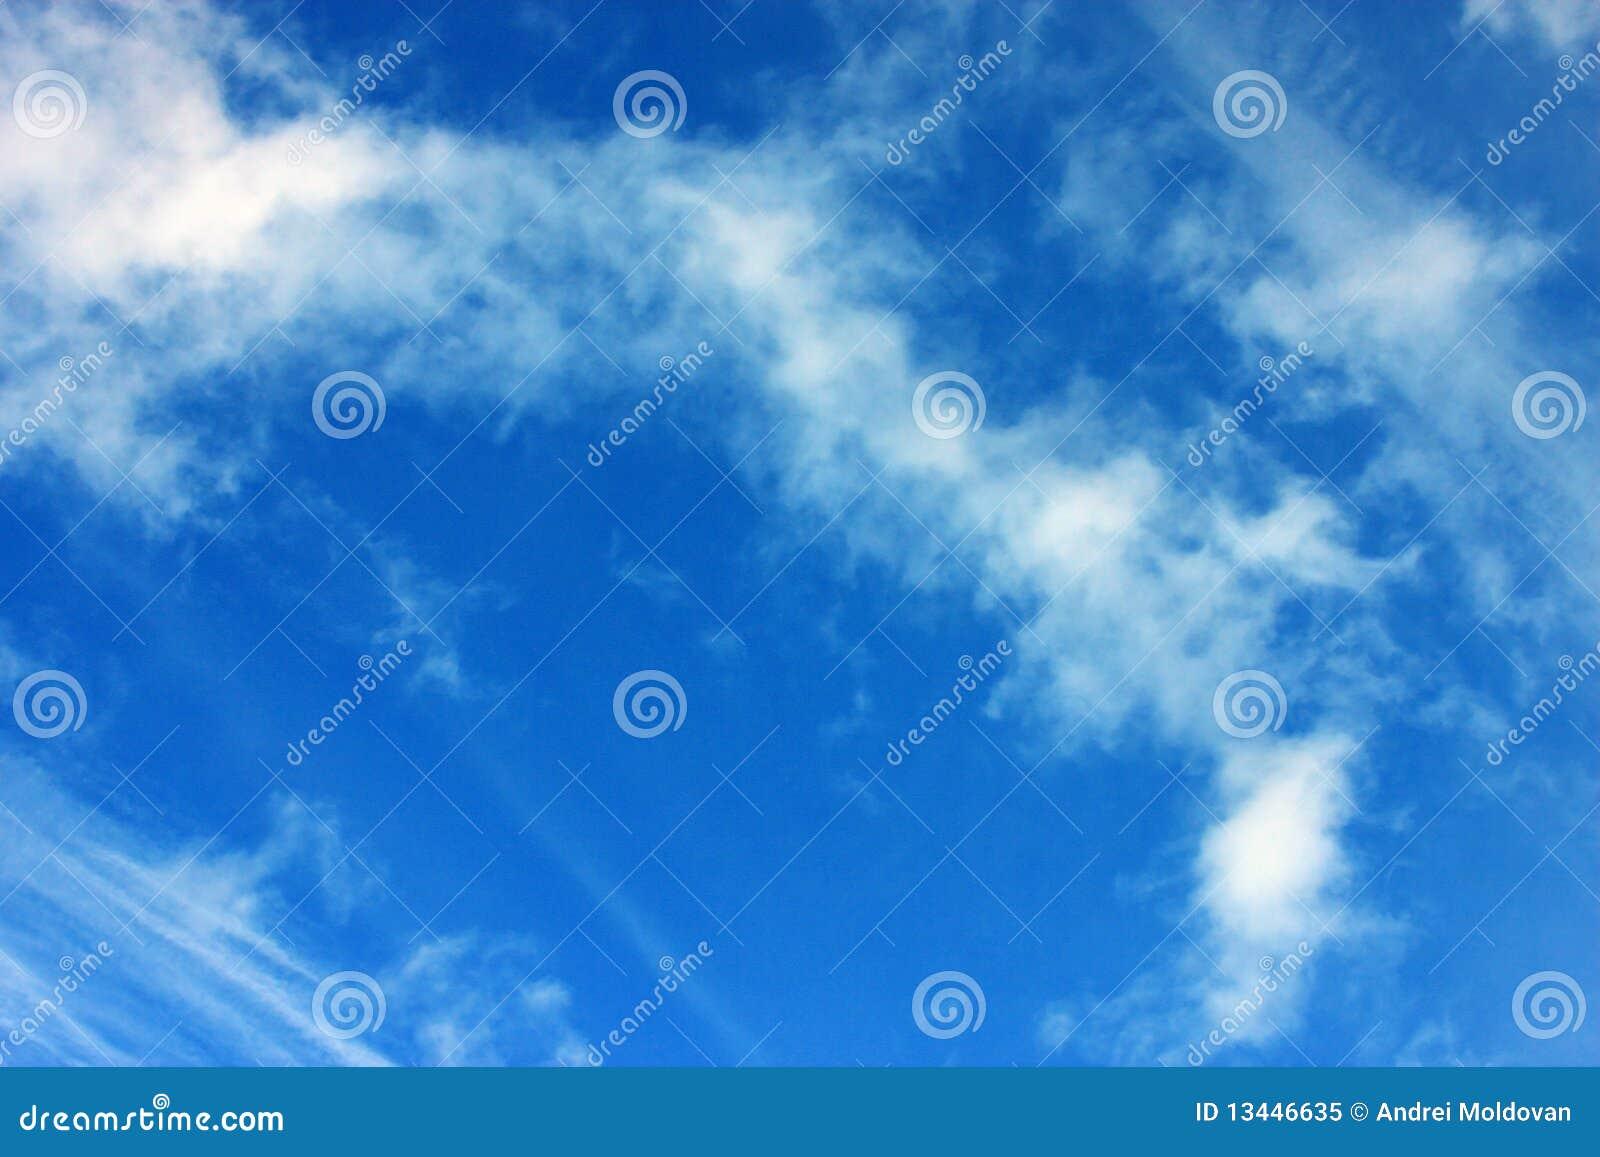 Blauer Himmel Mit Wolken Bild. Bild: 13446635